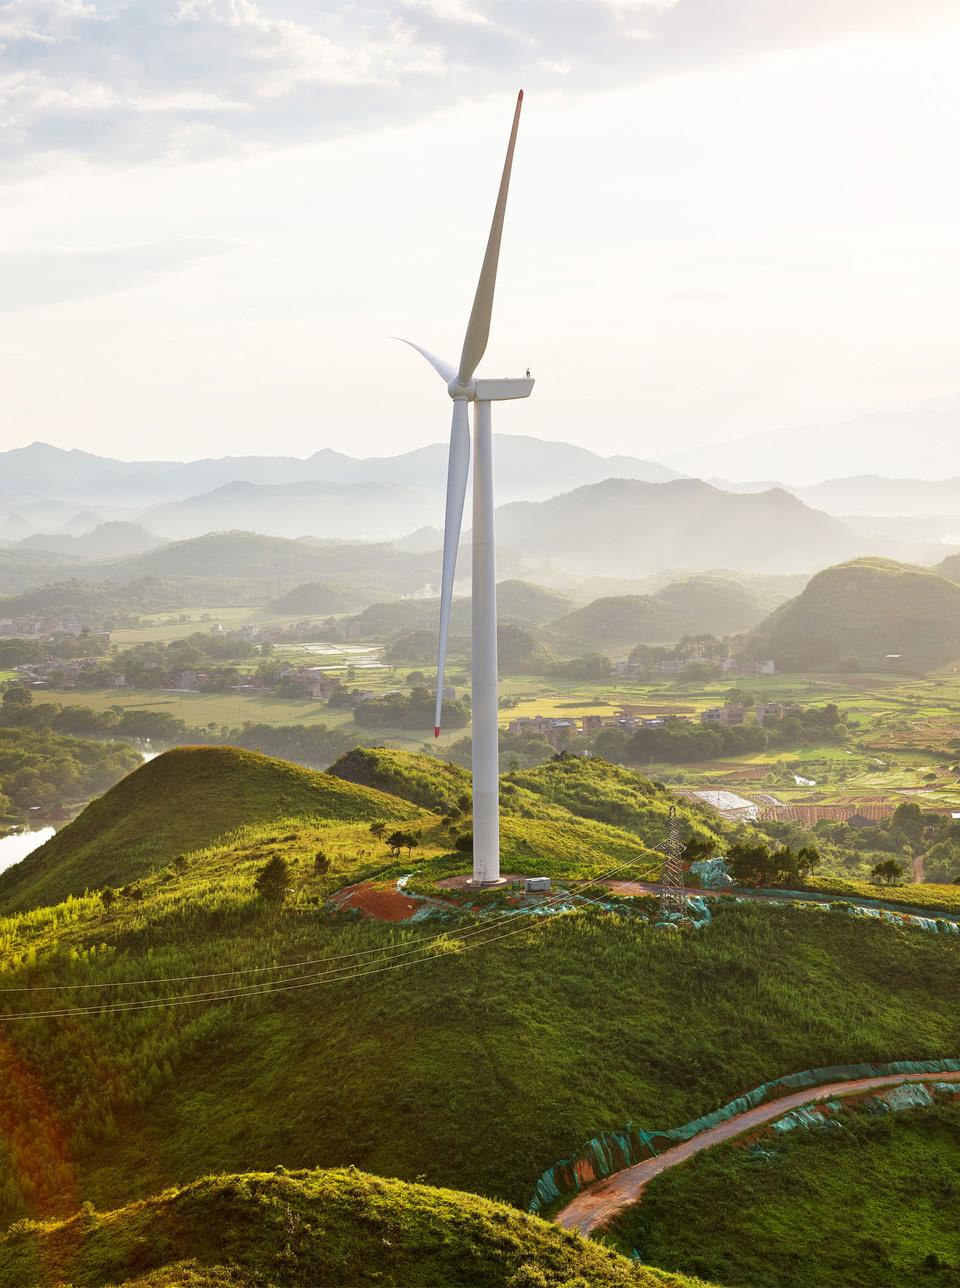 苹果成立的中国清洁能源基金投资